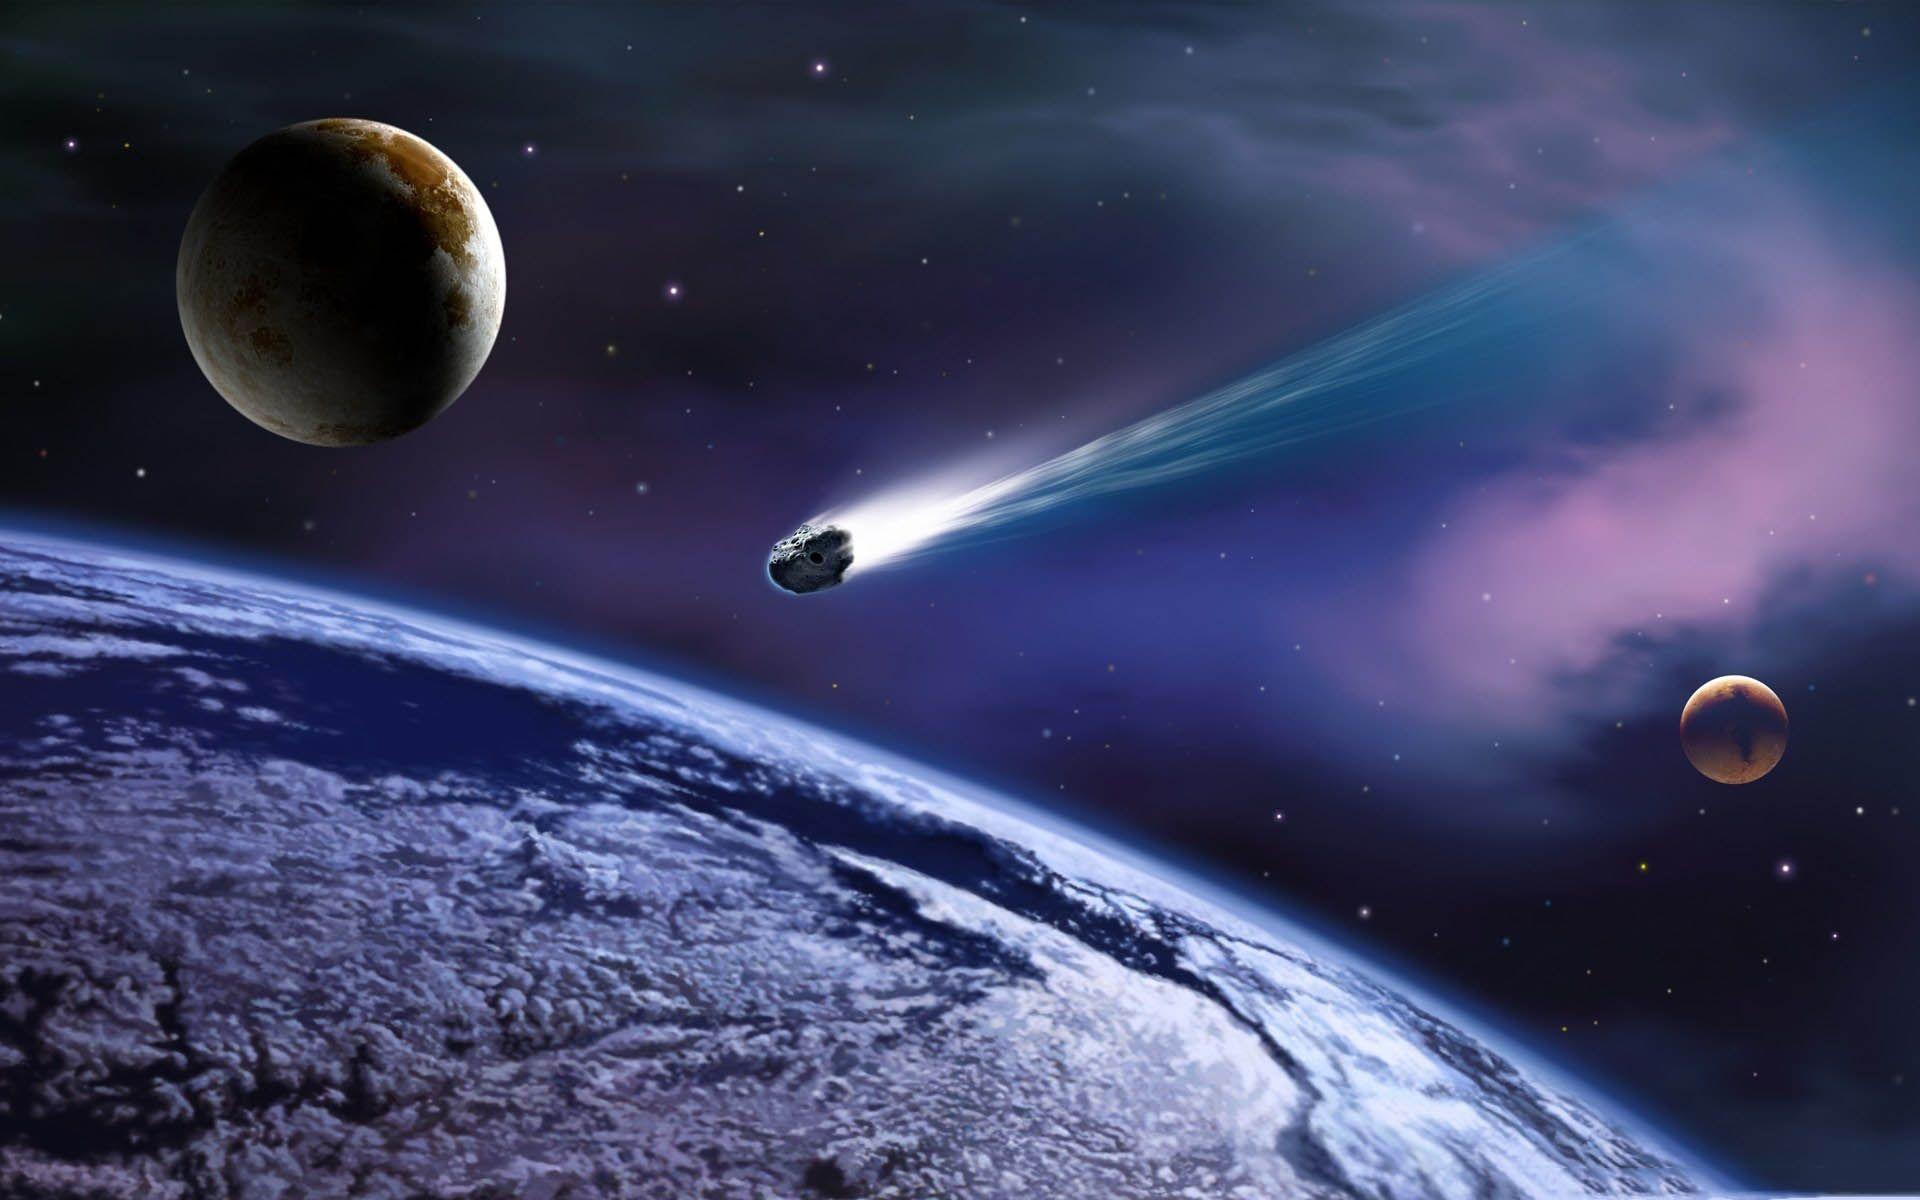 อุกกาบาต & สะเก็ดดาว (Meteorite & Tektite)